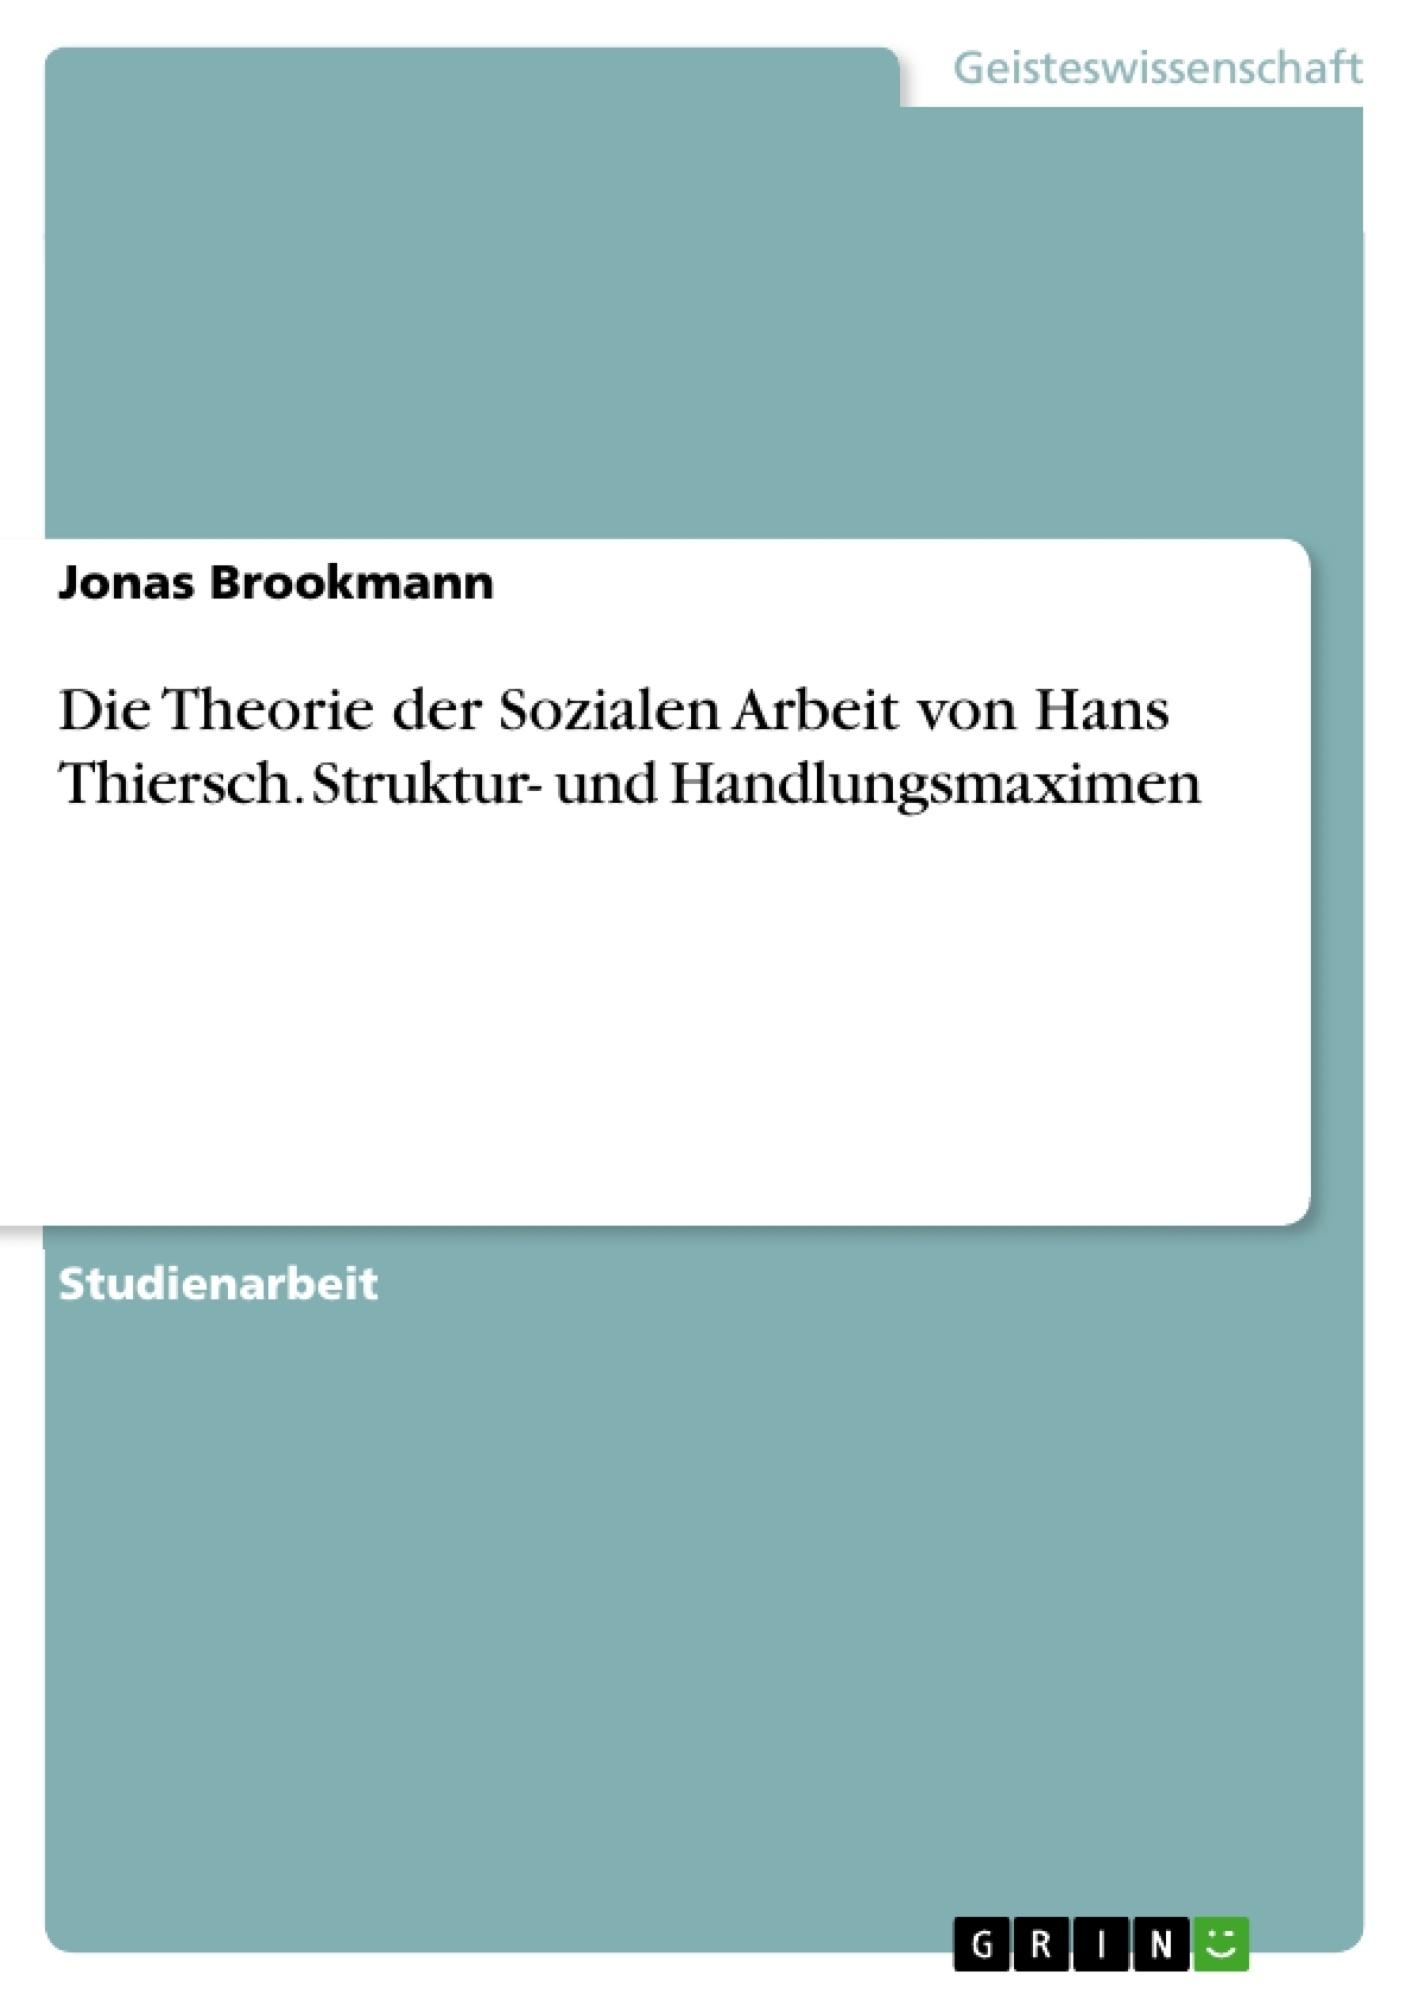 Titel: Die Theorie der Sozialen Arbeit von Hans Thiersch. Struktur- und Handlungsmaximen